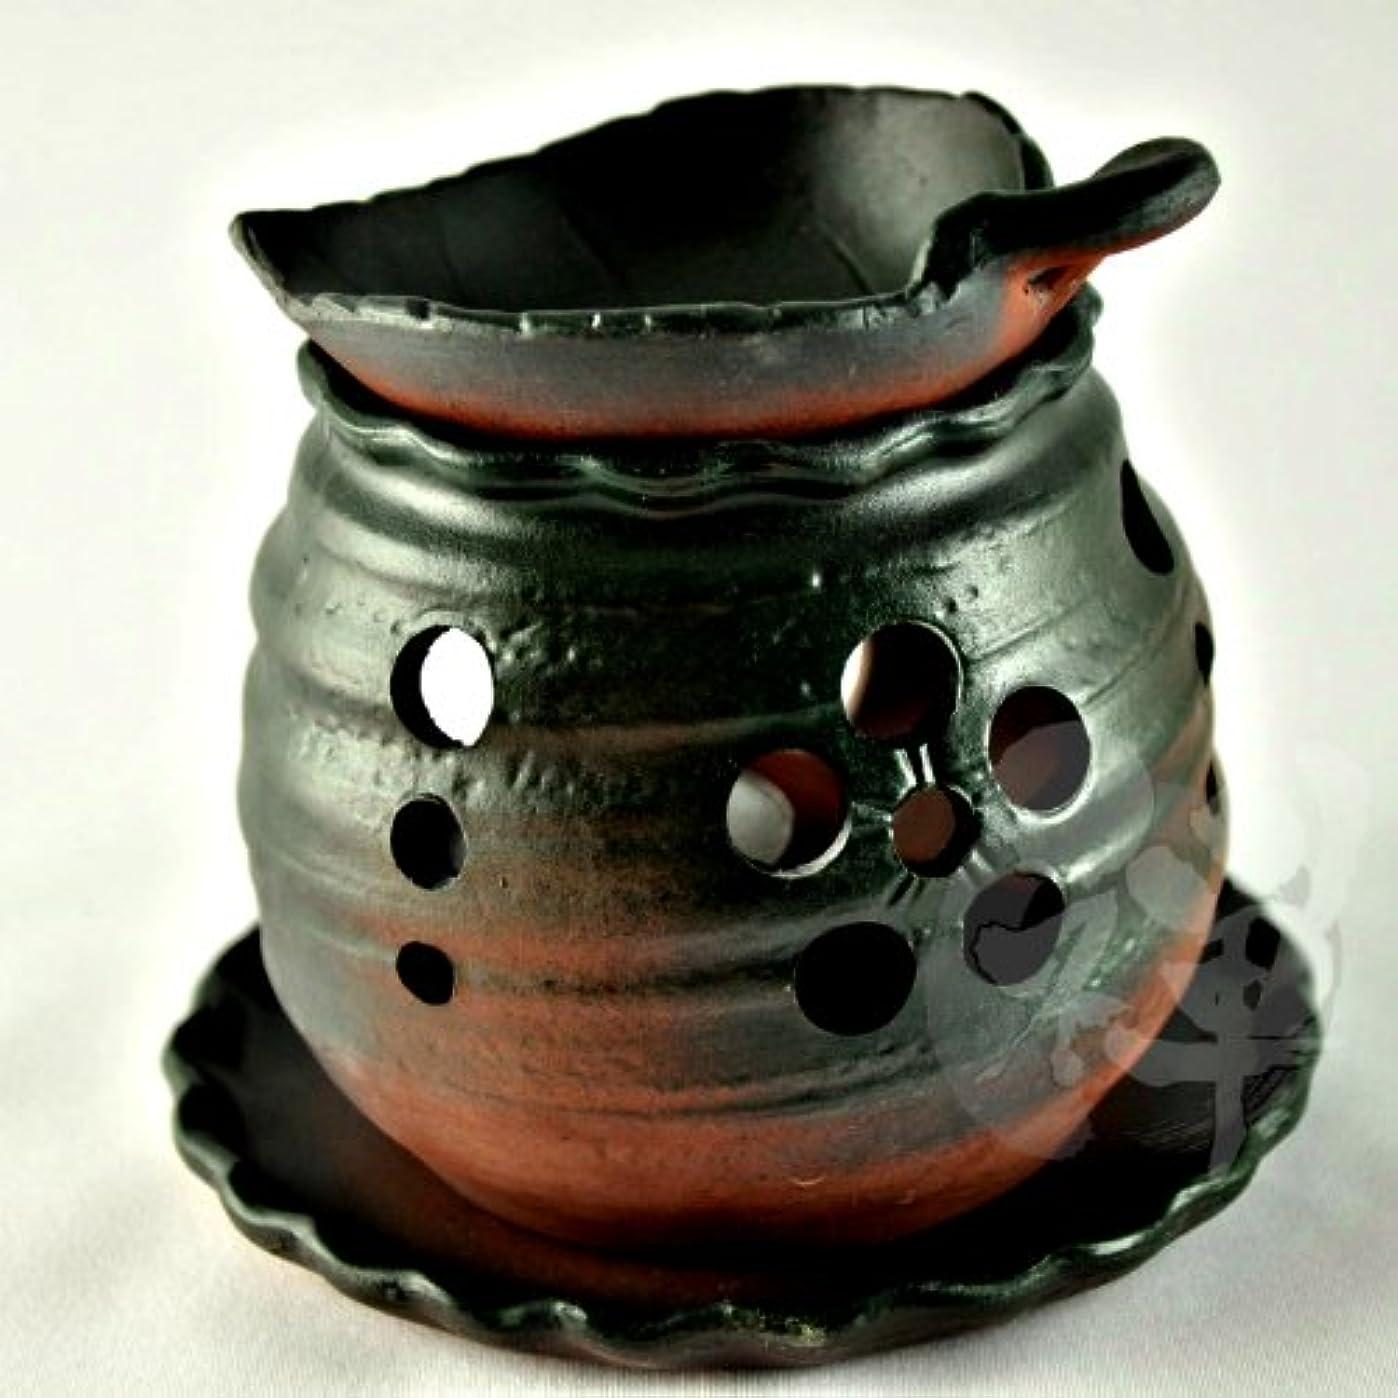 モディッシュ苦しみ熟練した常滑焼 ゆとり 茶香炉 13.2*11.5cm[2989]